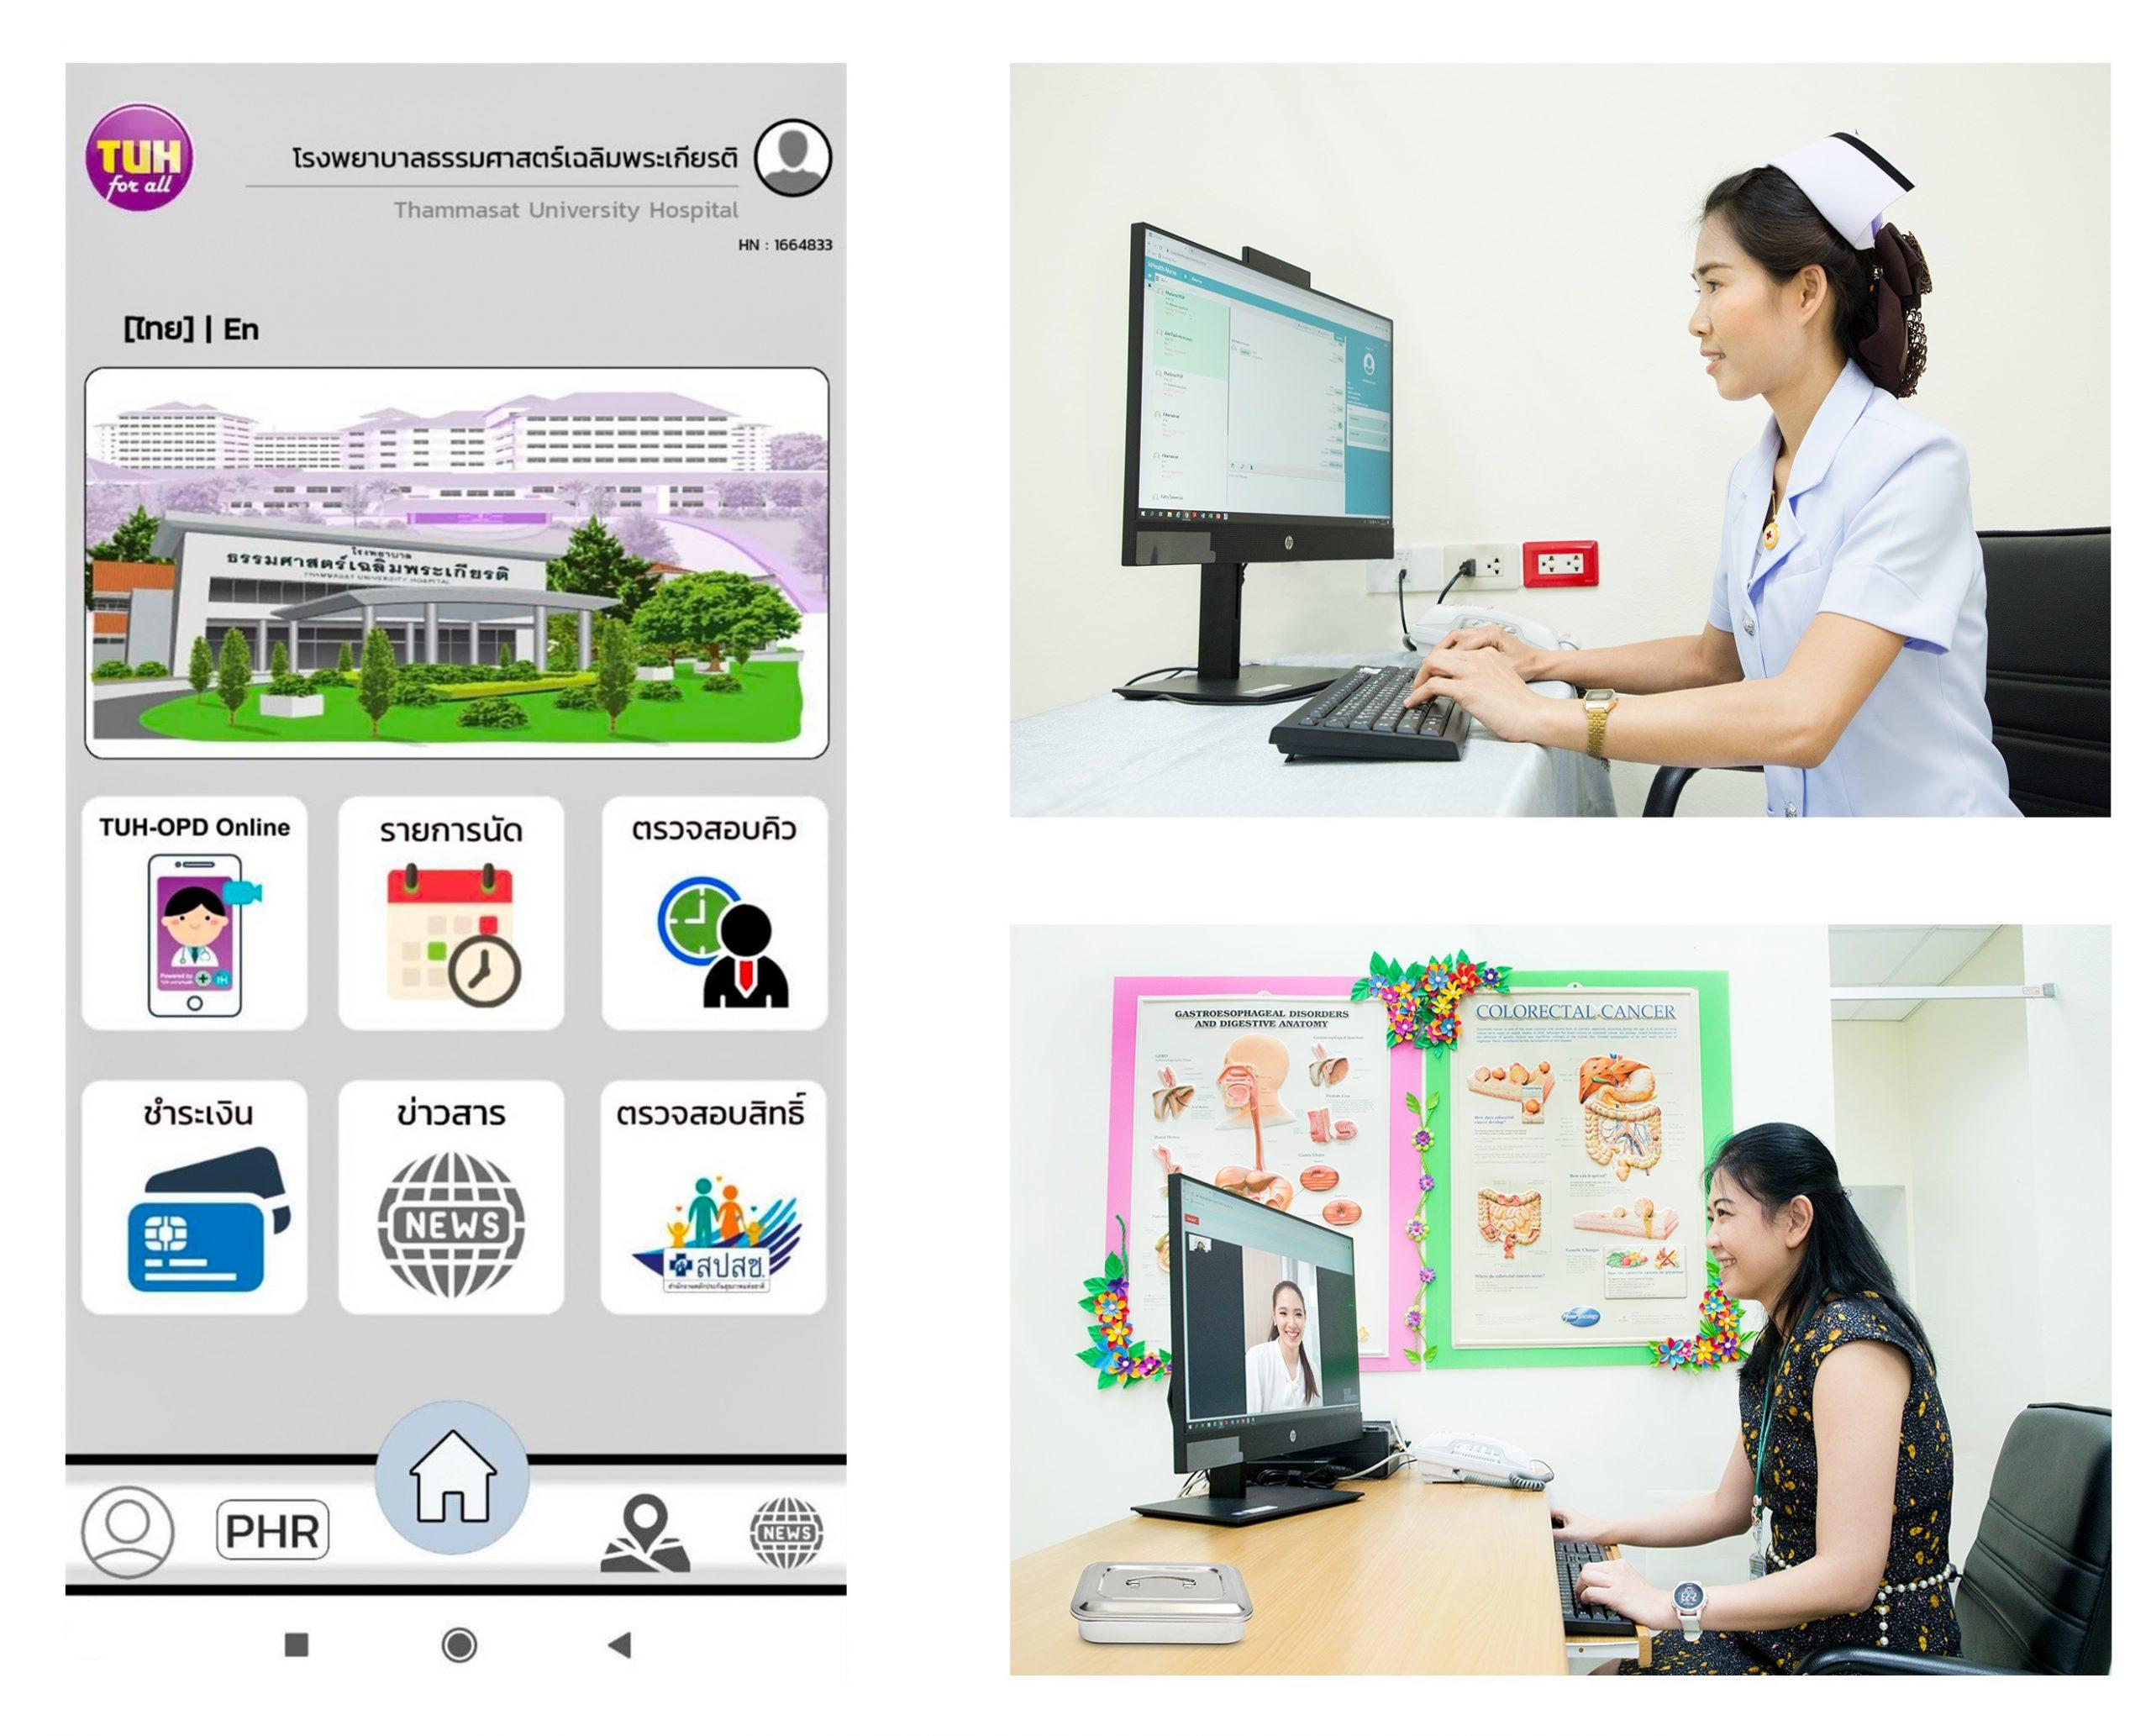 กสิกรไทย-รพ.ธรรมศาสตร์ฯ เปิดตัวแอป TUH for All  ชูจุดเด่น TUH OPD Online พบหมอออนไลน์ รับวิถีนิวนอร์มอล